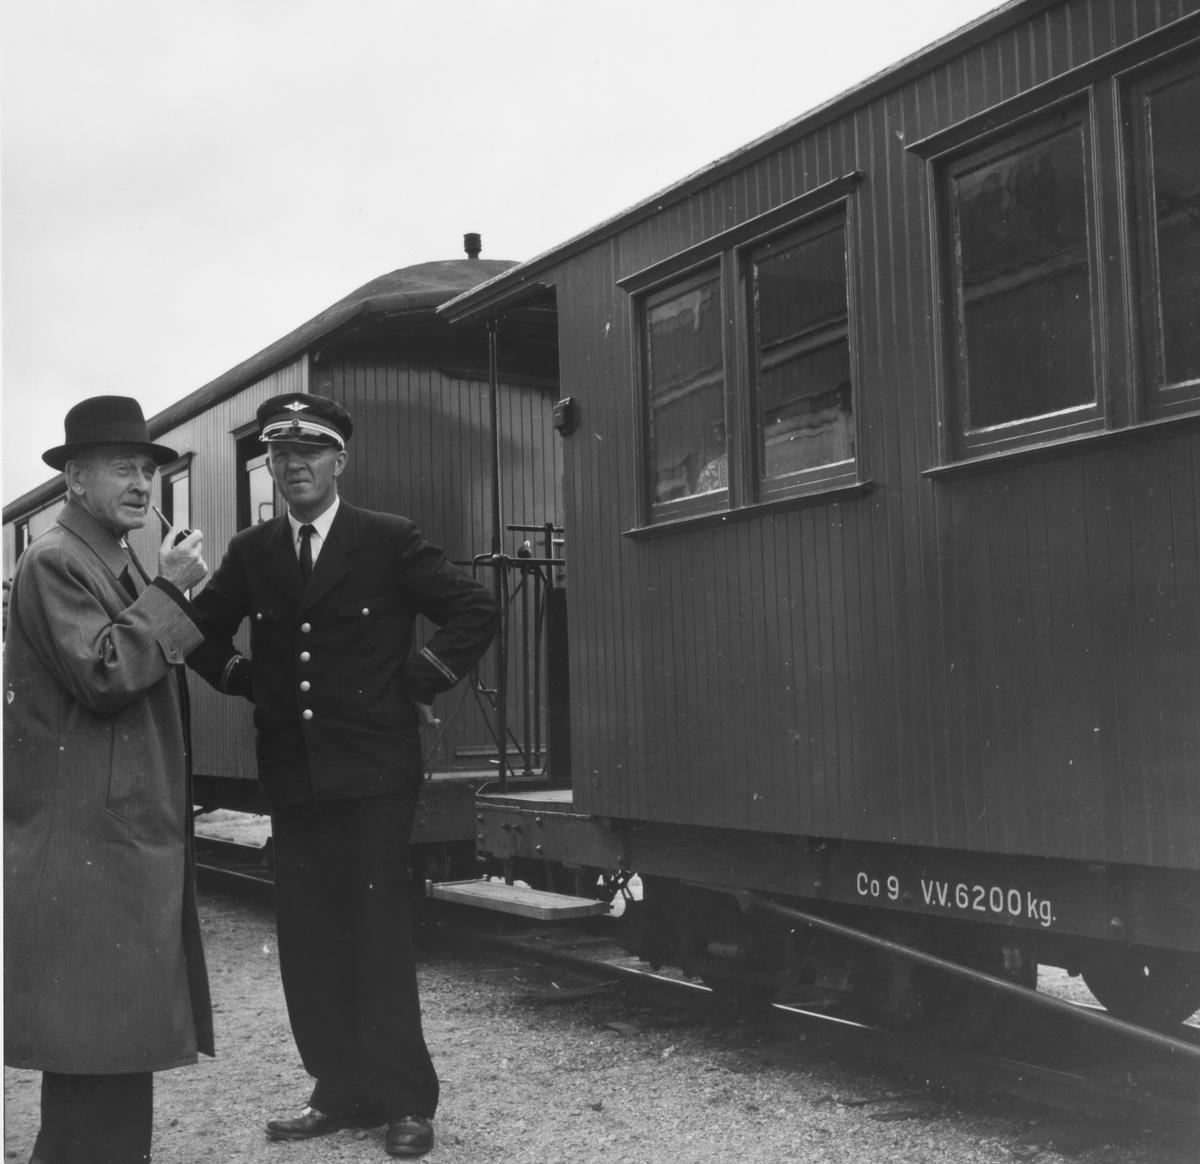 Overkonduktør Håkon Kjelsrud på Skulerud stasjon siste ordinære driftsdag på Urskog-Hølandsbanen.